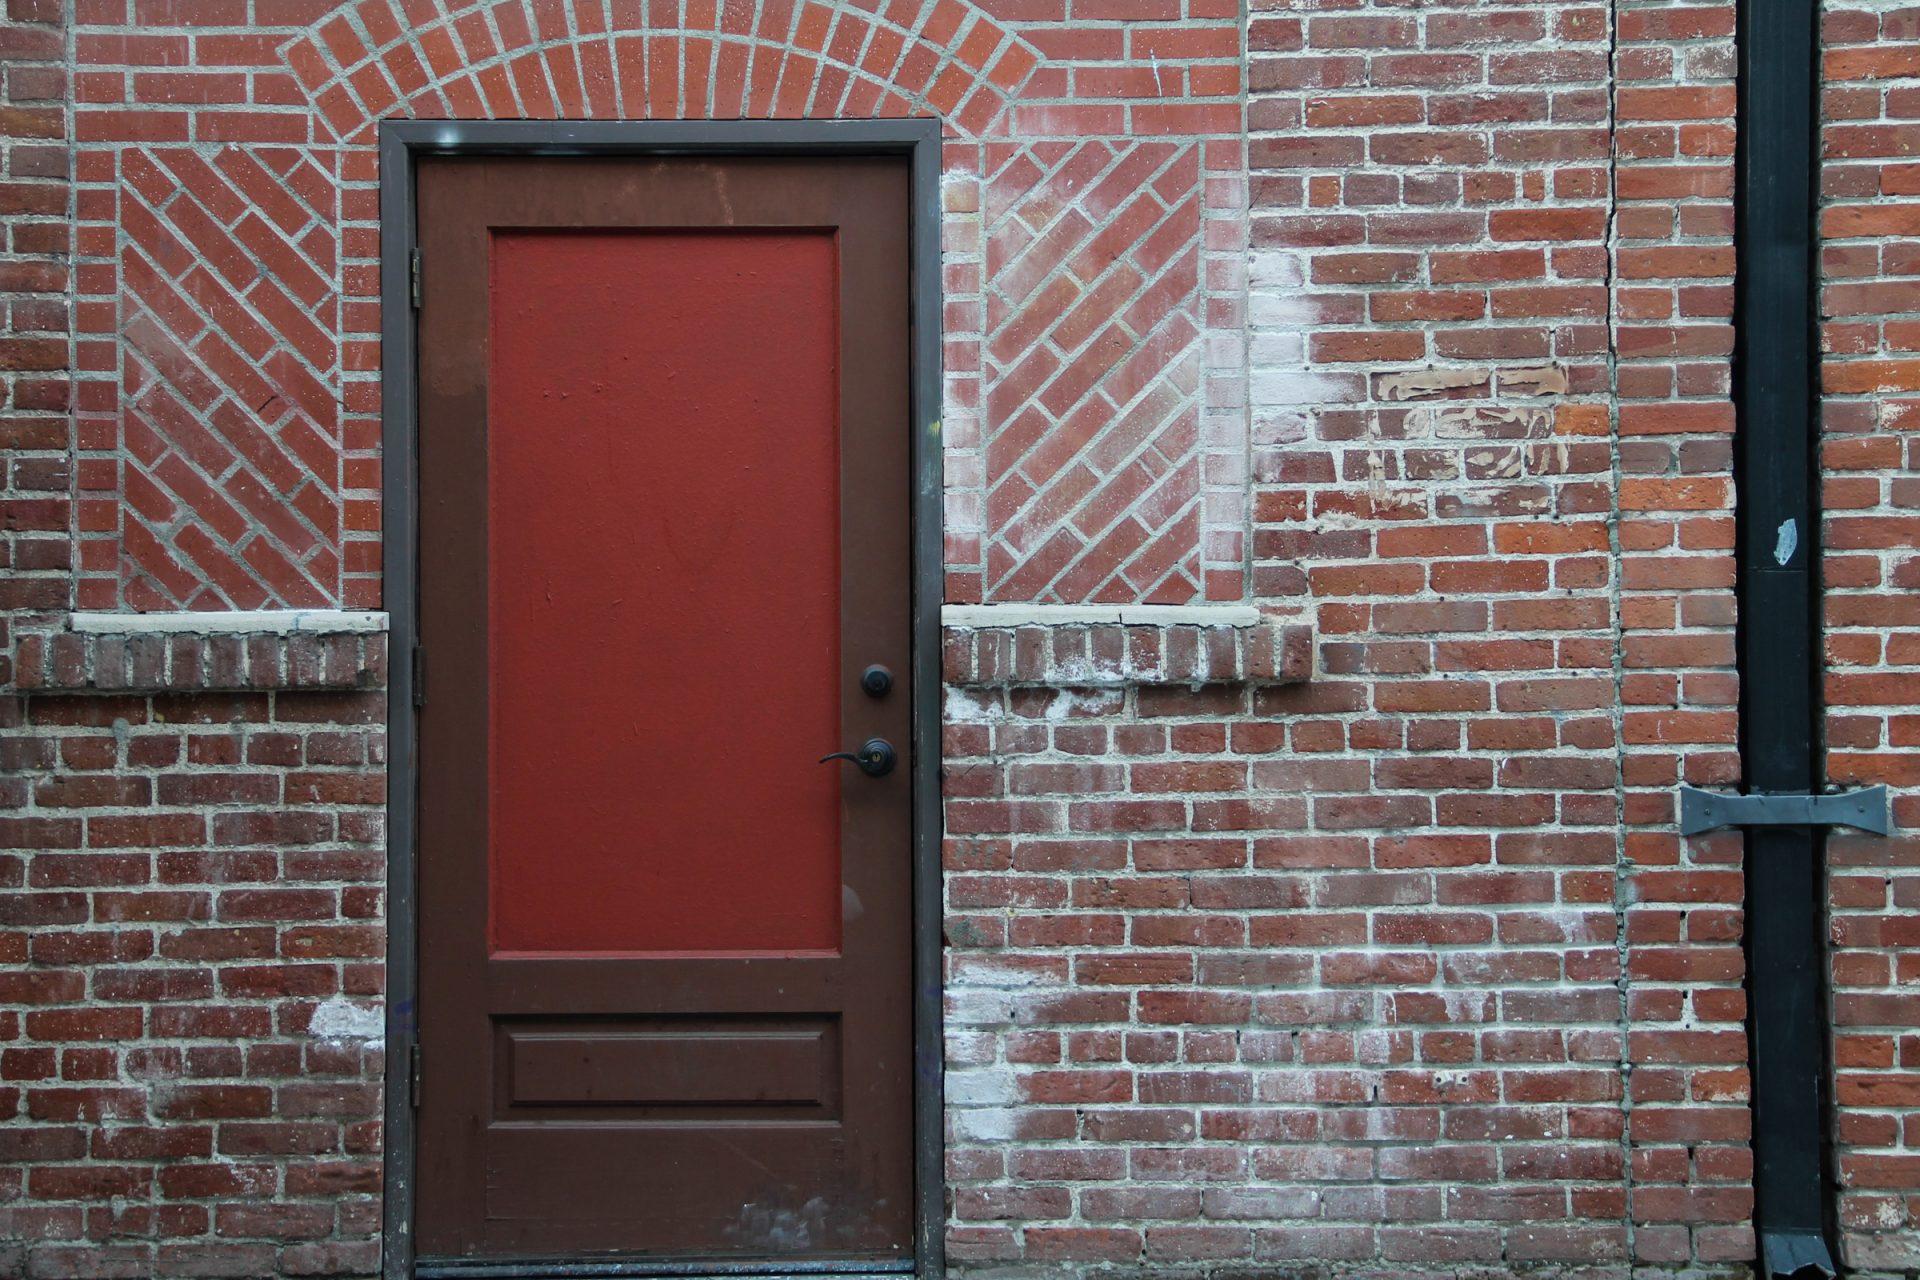 Red & Brown Door on Brick Building